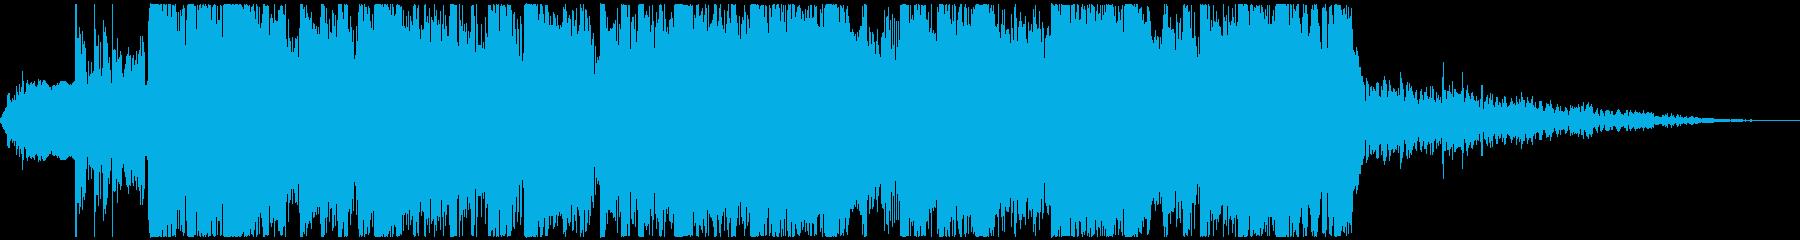 力強く爽やかなデジタルビート(15秒)の再生済みの波形